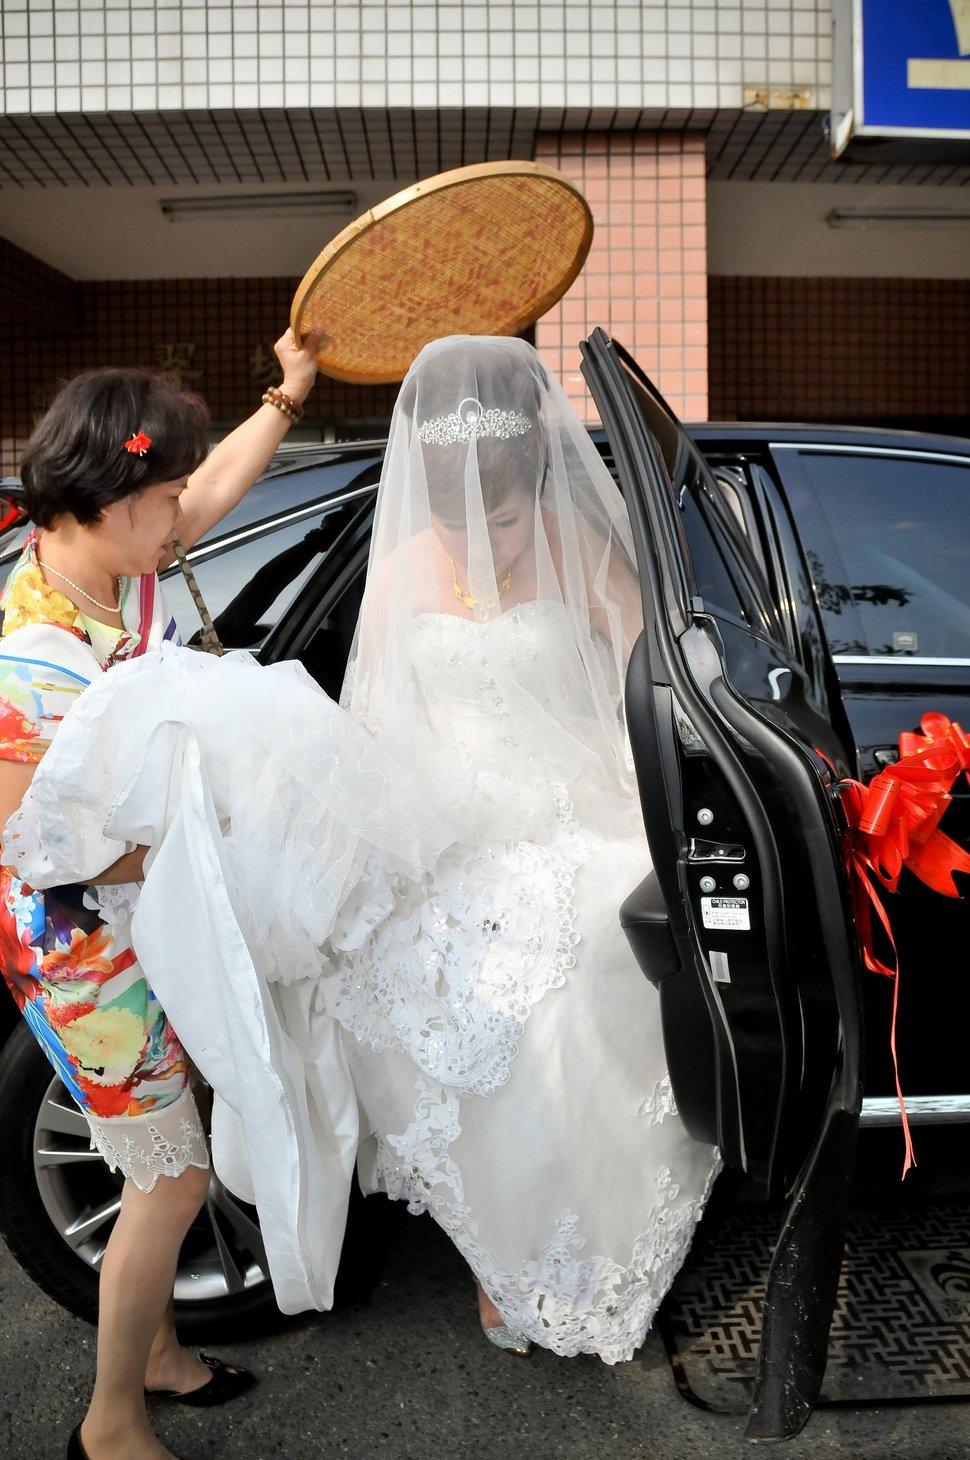 專業婚攝婚禮紀錄婚禮紀錄專業錄影婚禮錄影婚禮記錄動態微電影錄影專業錄影平面攝影婚攝婚禮主持人(編號:280450) - 蜜月拍照10800錄影12800攝影團隊 - 結婚吧